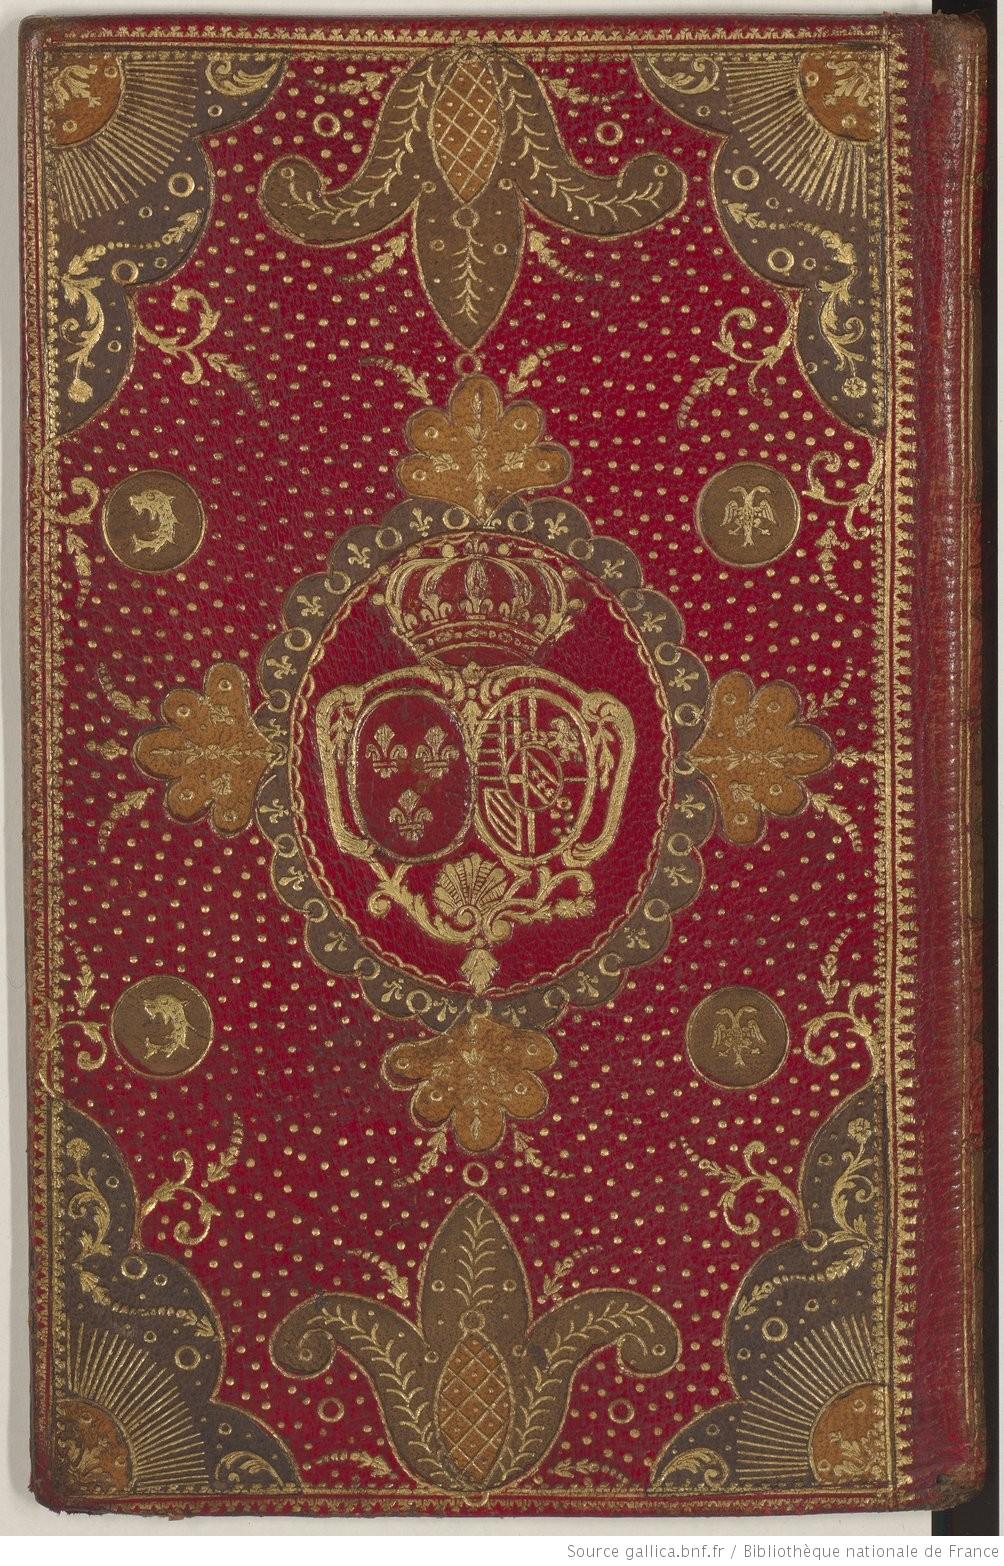 Généalogie, Héraldique, Armoiries, et Blasons de Marie-Antoinette - Page 2 Reliur10